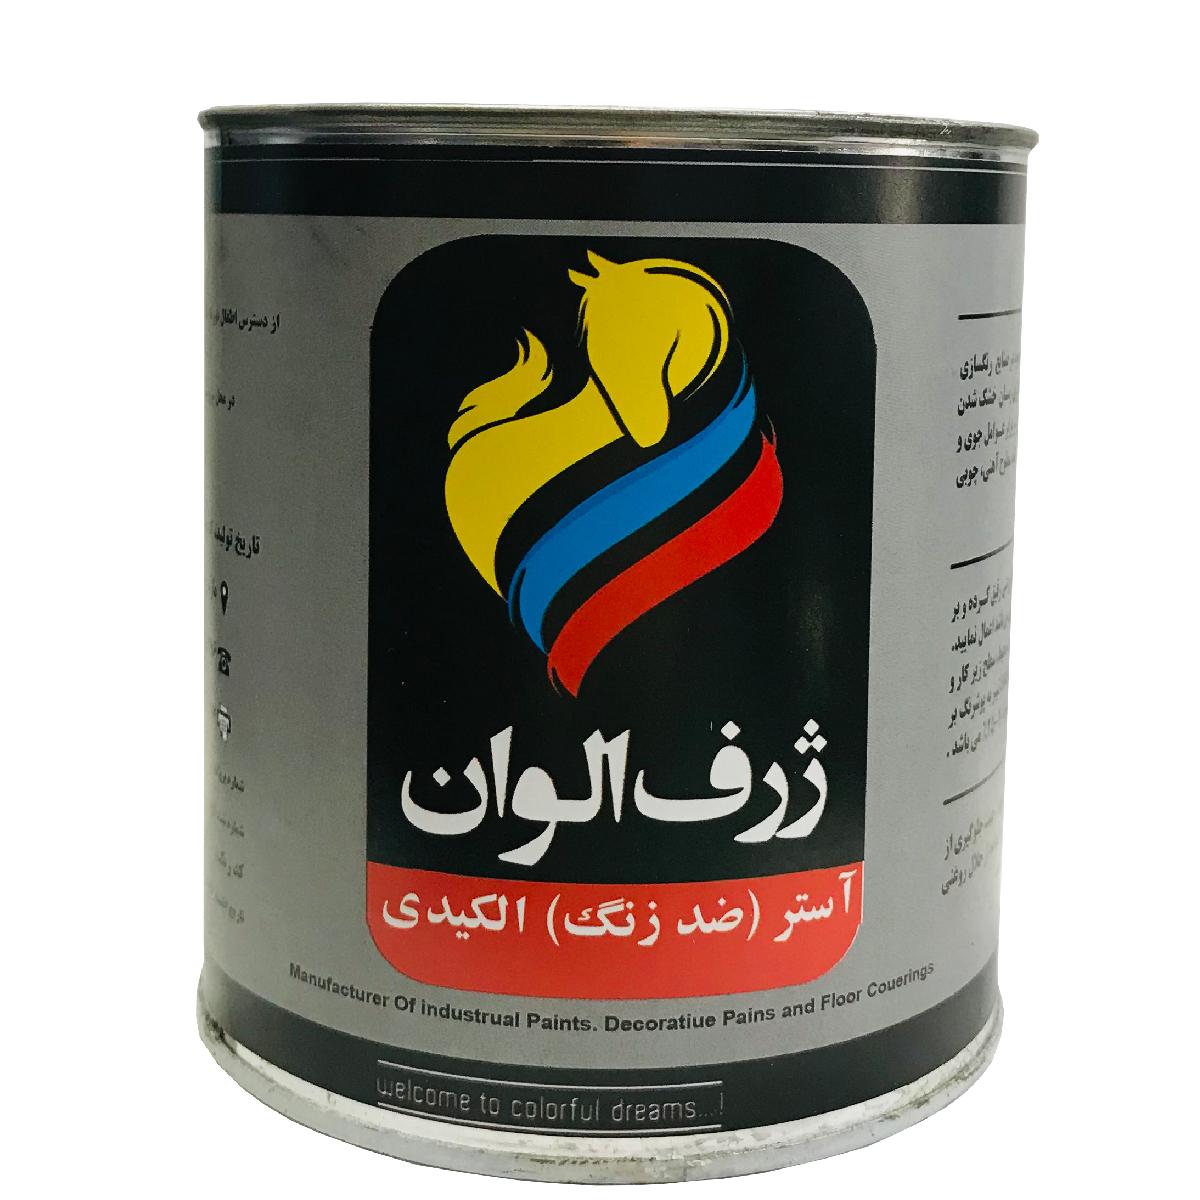 قیمت                                      ضد زنگ طوسی  ژرف الوان کد 022 حجم 3785 میلی لیتر